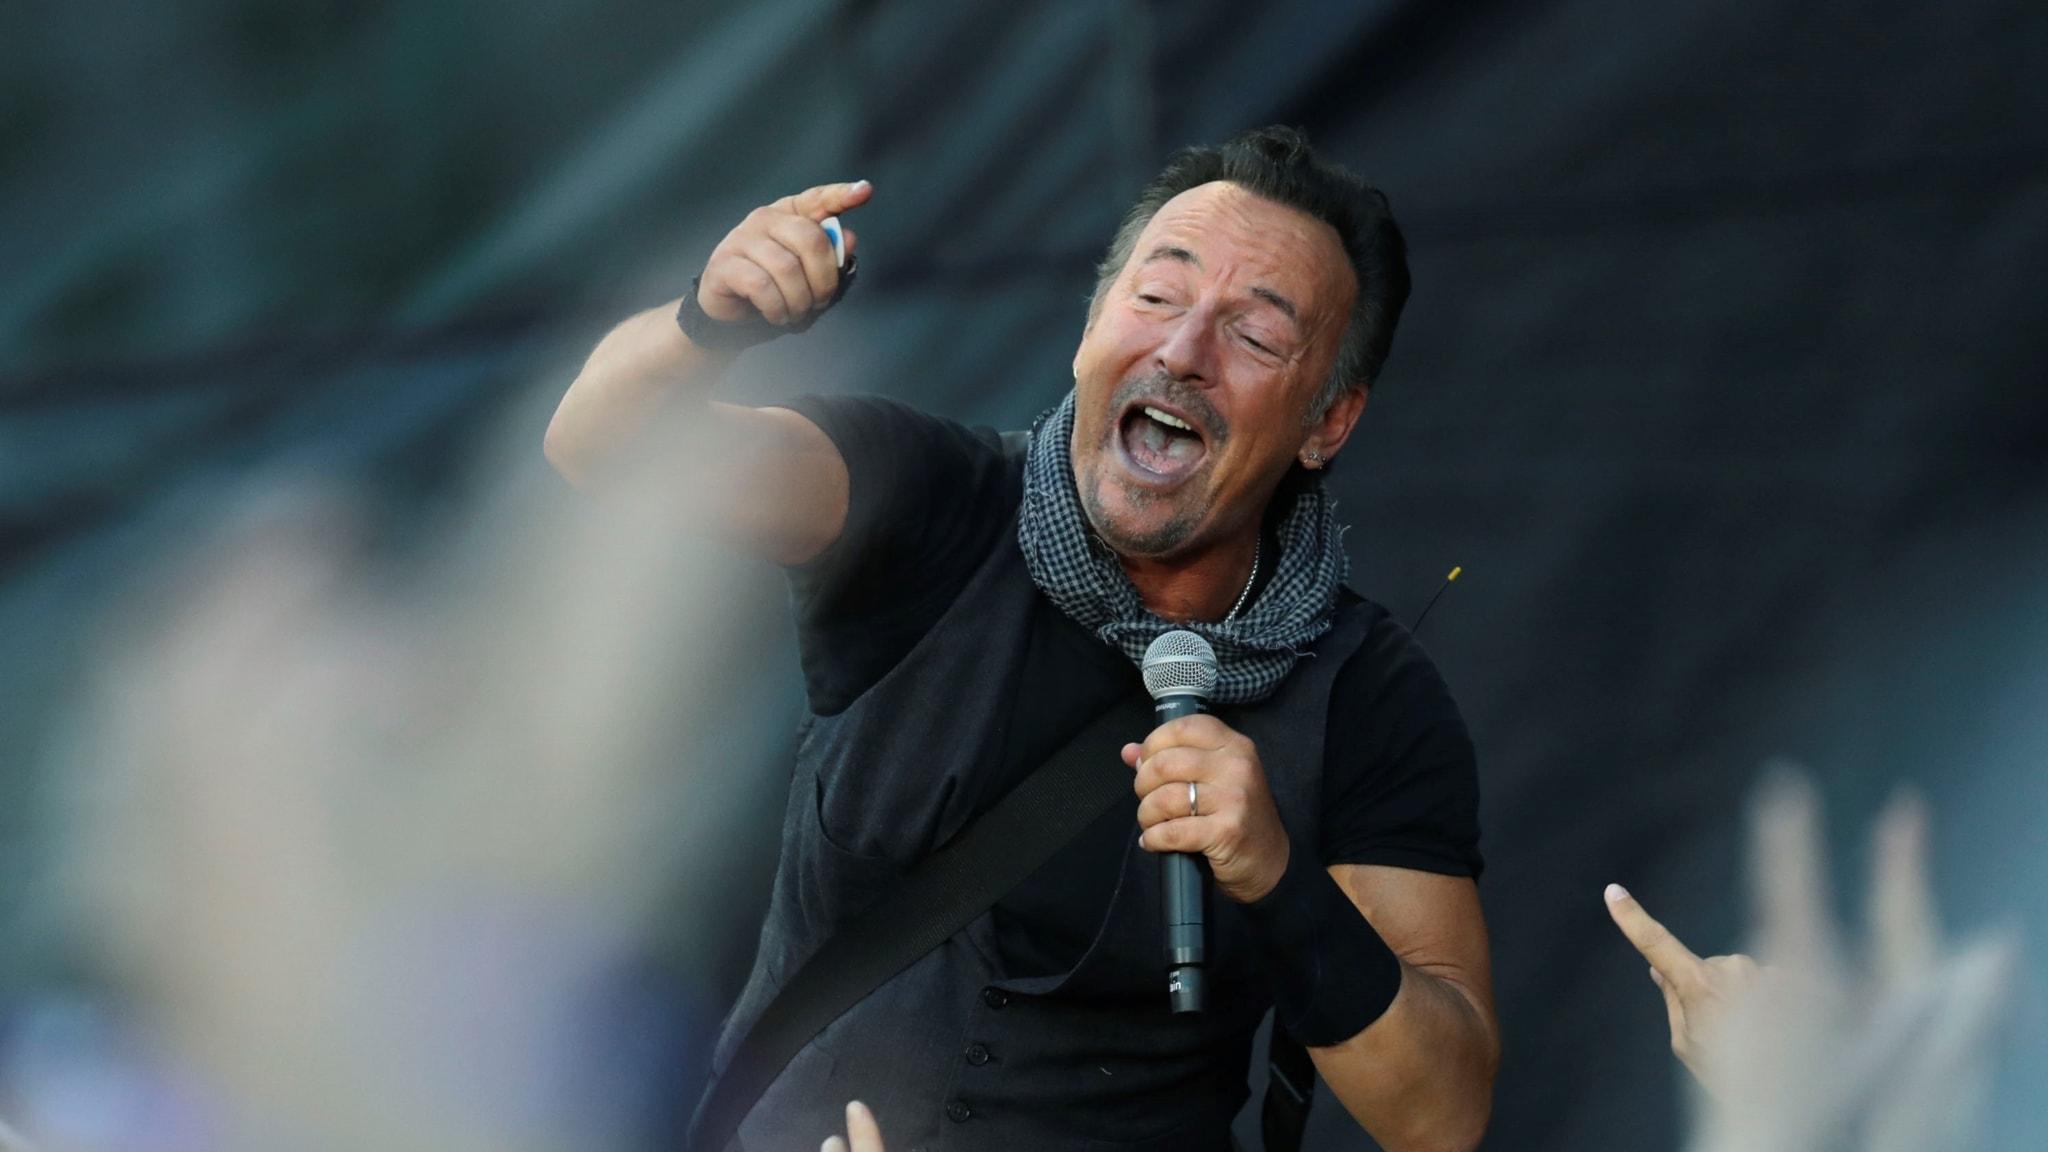 Bruce Springsteen vinner prestigefyllt musikalpris i New York och Dawit Isaacs bok